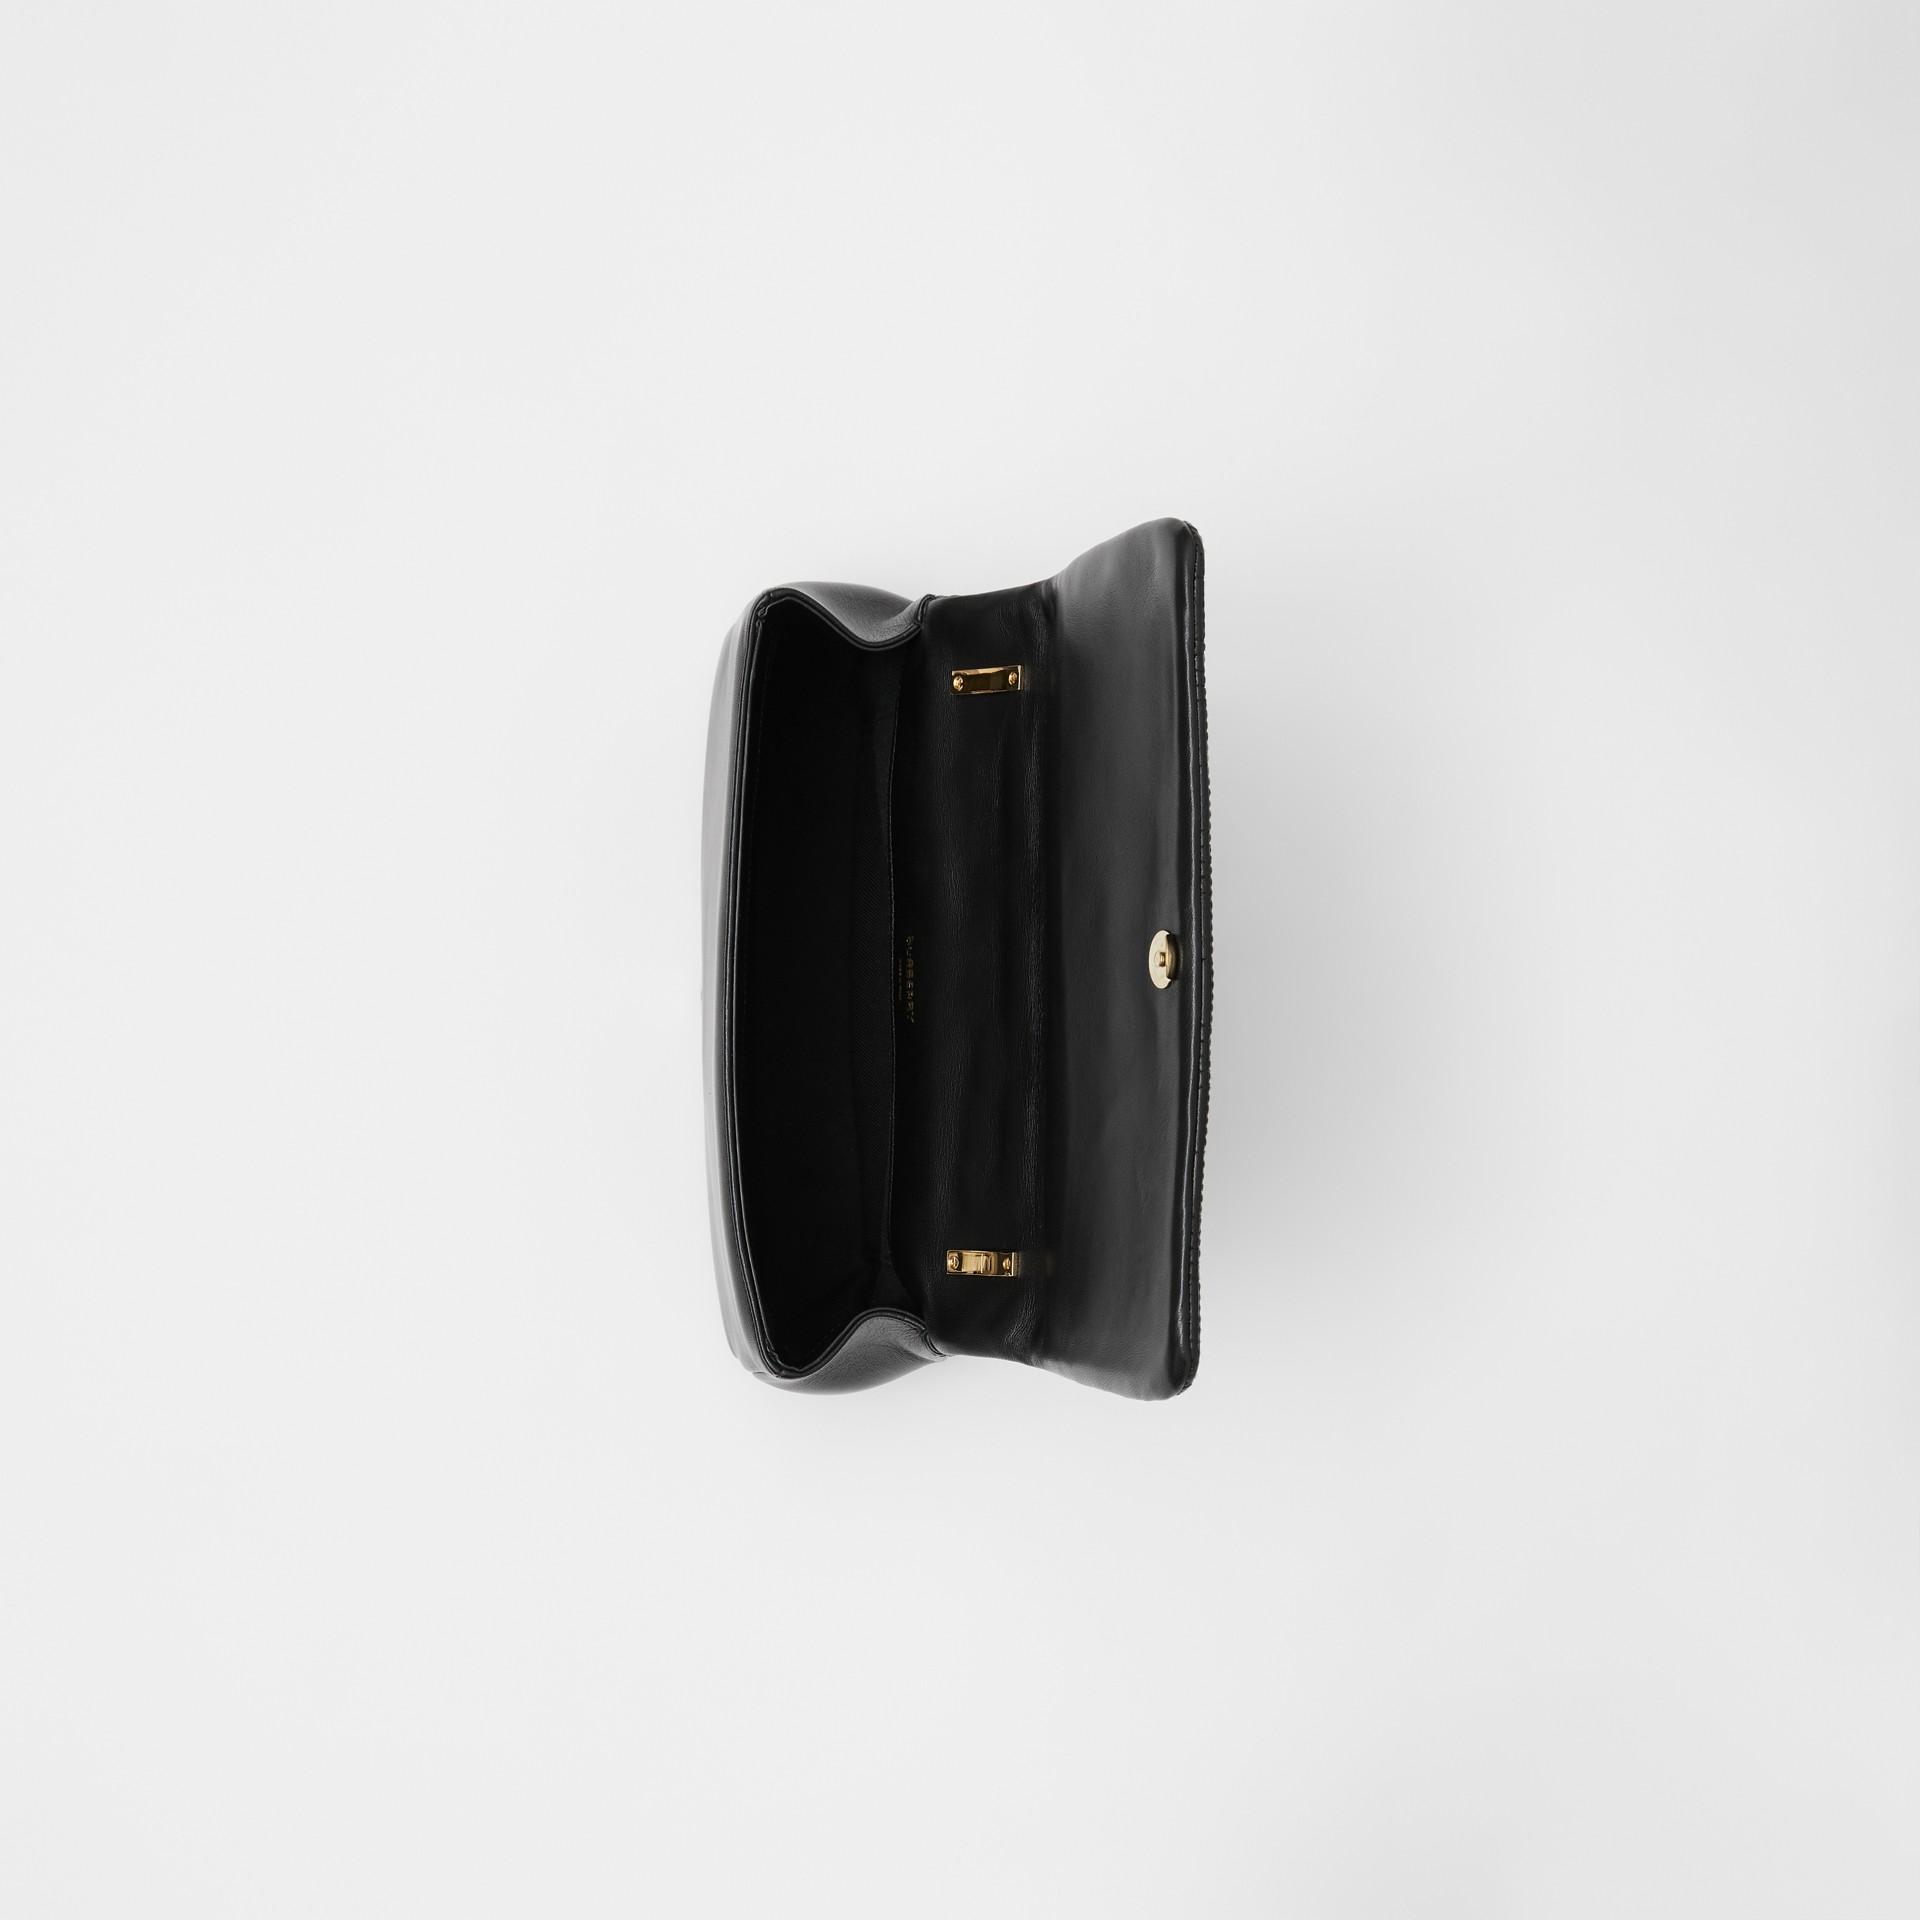 スモール キルティング ラムスキン ローラバッグ (ブラック/ライトゴールド) | バーバリー - ギャラリーイメージ 4